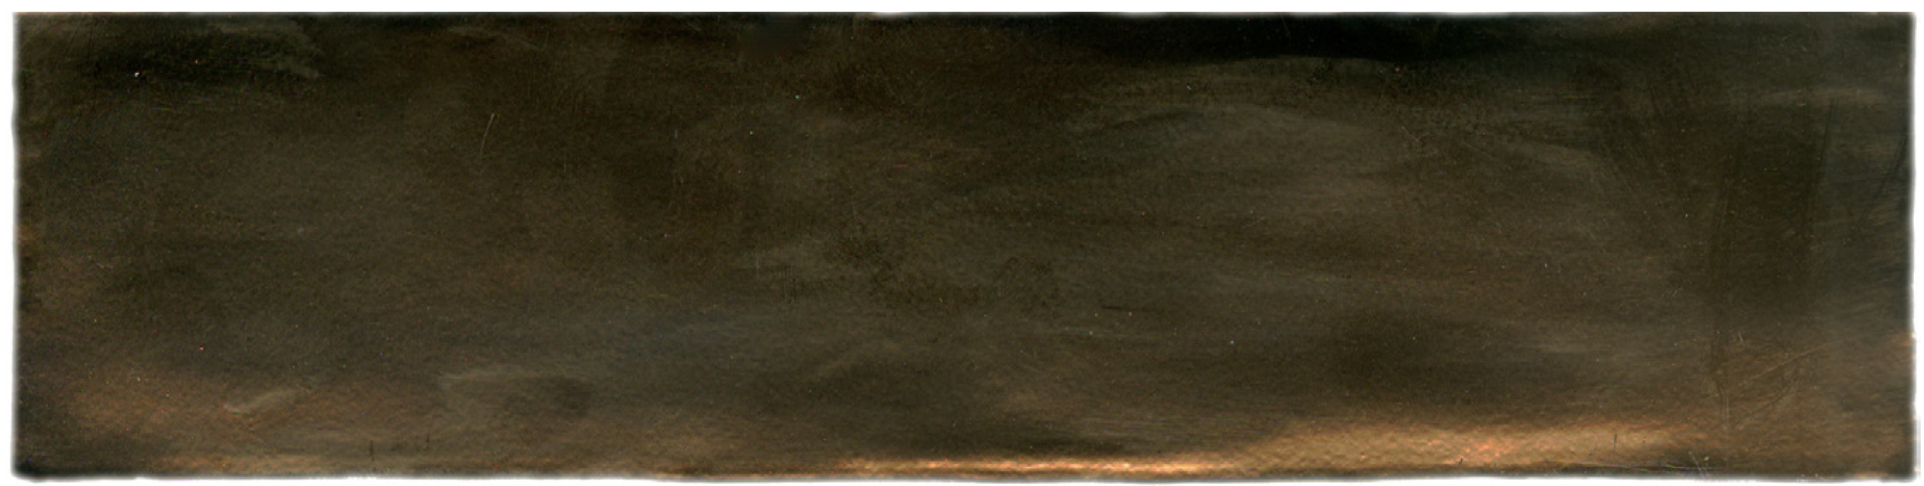 Bronze  UD.OX.BRZ.0312.MET | Gloss